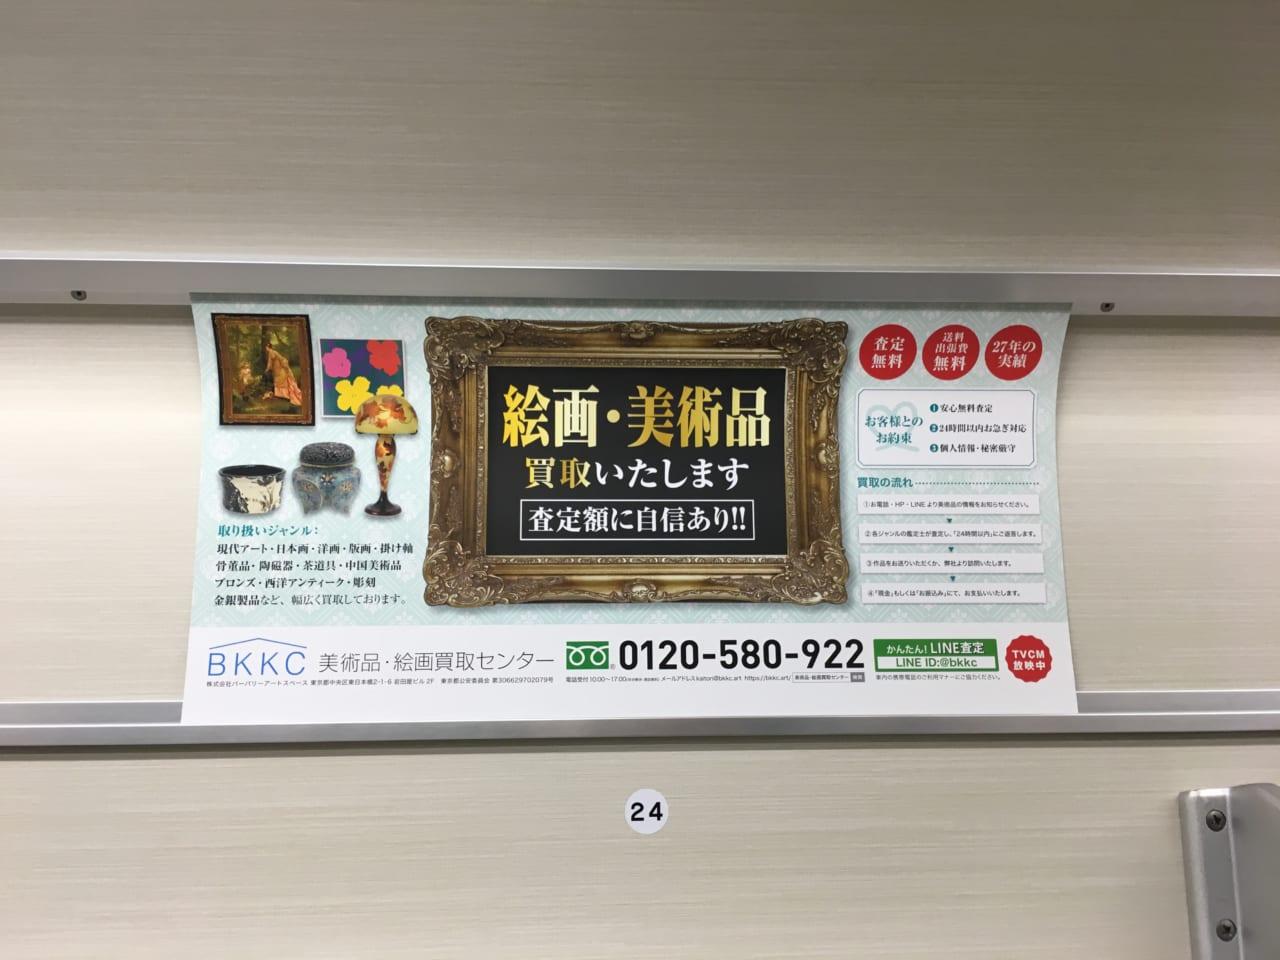 美術品・絵画買取センターの電車広告(都営地下鉄)掲載中です